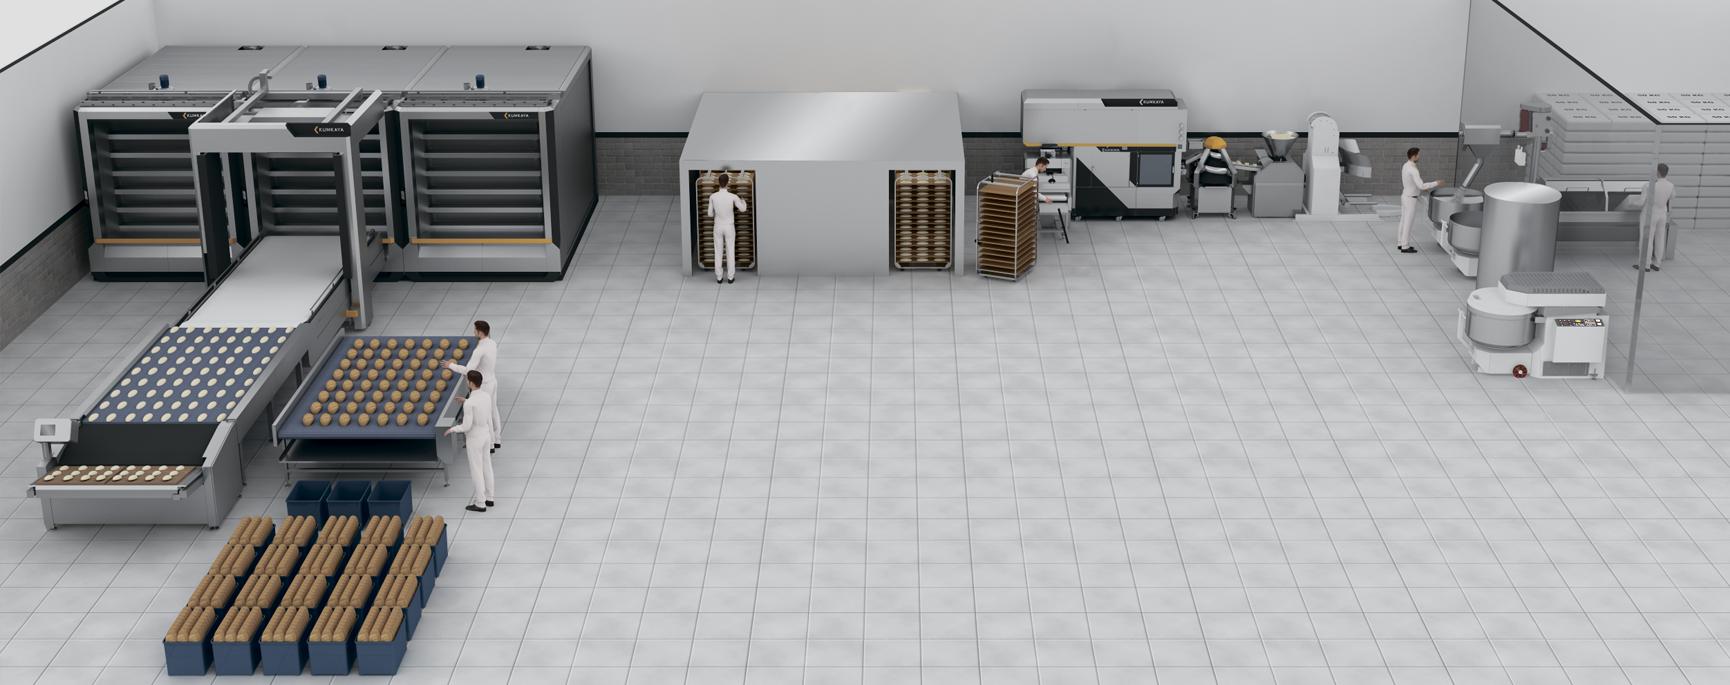 Технологічна пекарська лінія